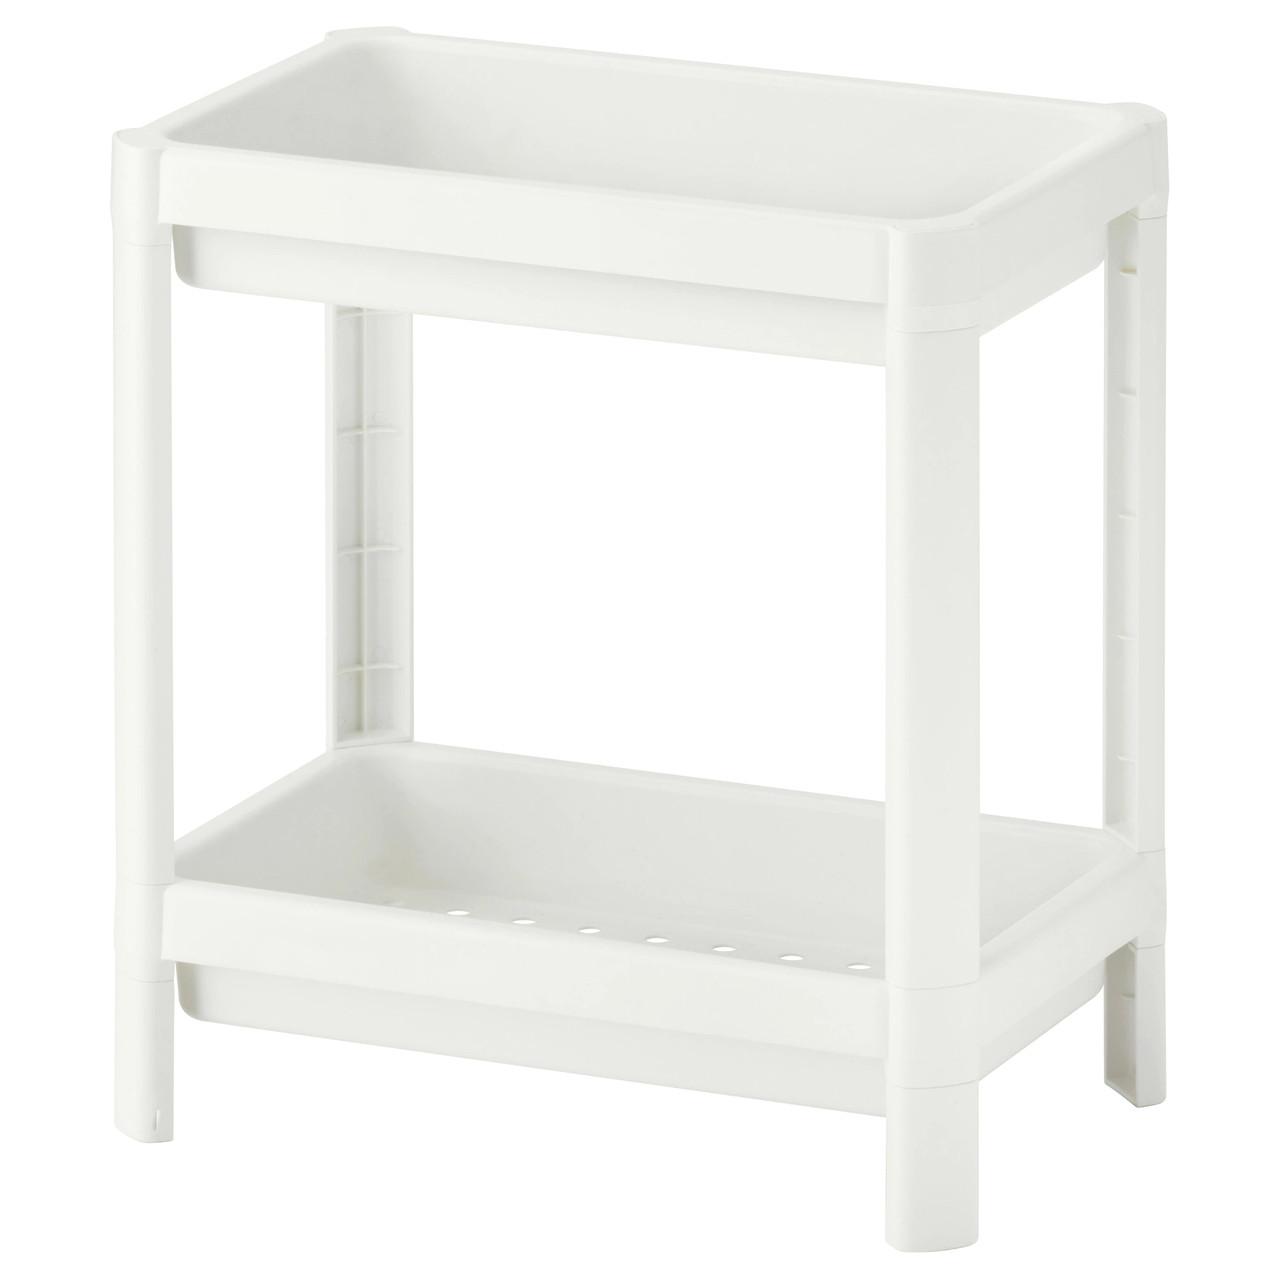 ВЕСКЕН Стеллаж, белый, 23x40 см 00324325 IKEA, ИКЕА, VESKEN